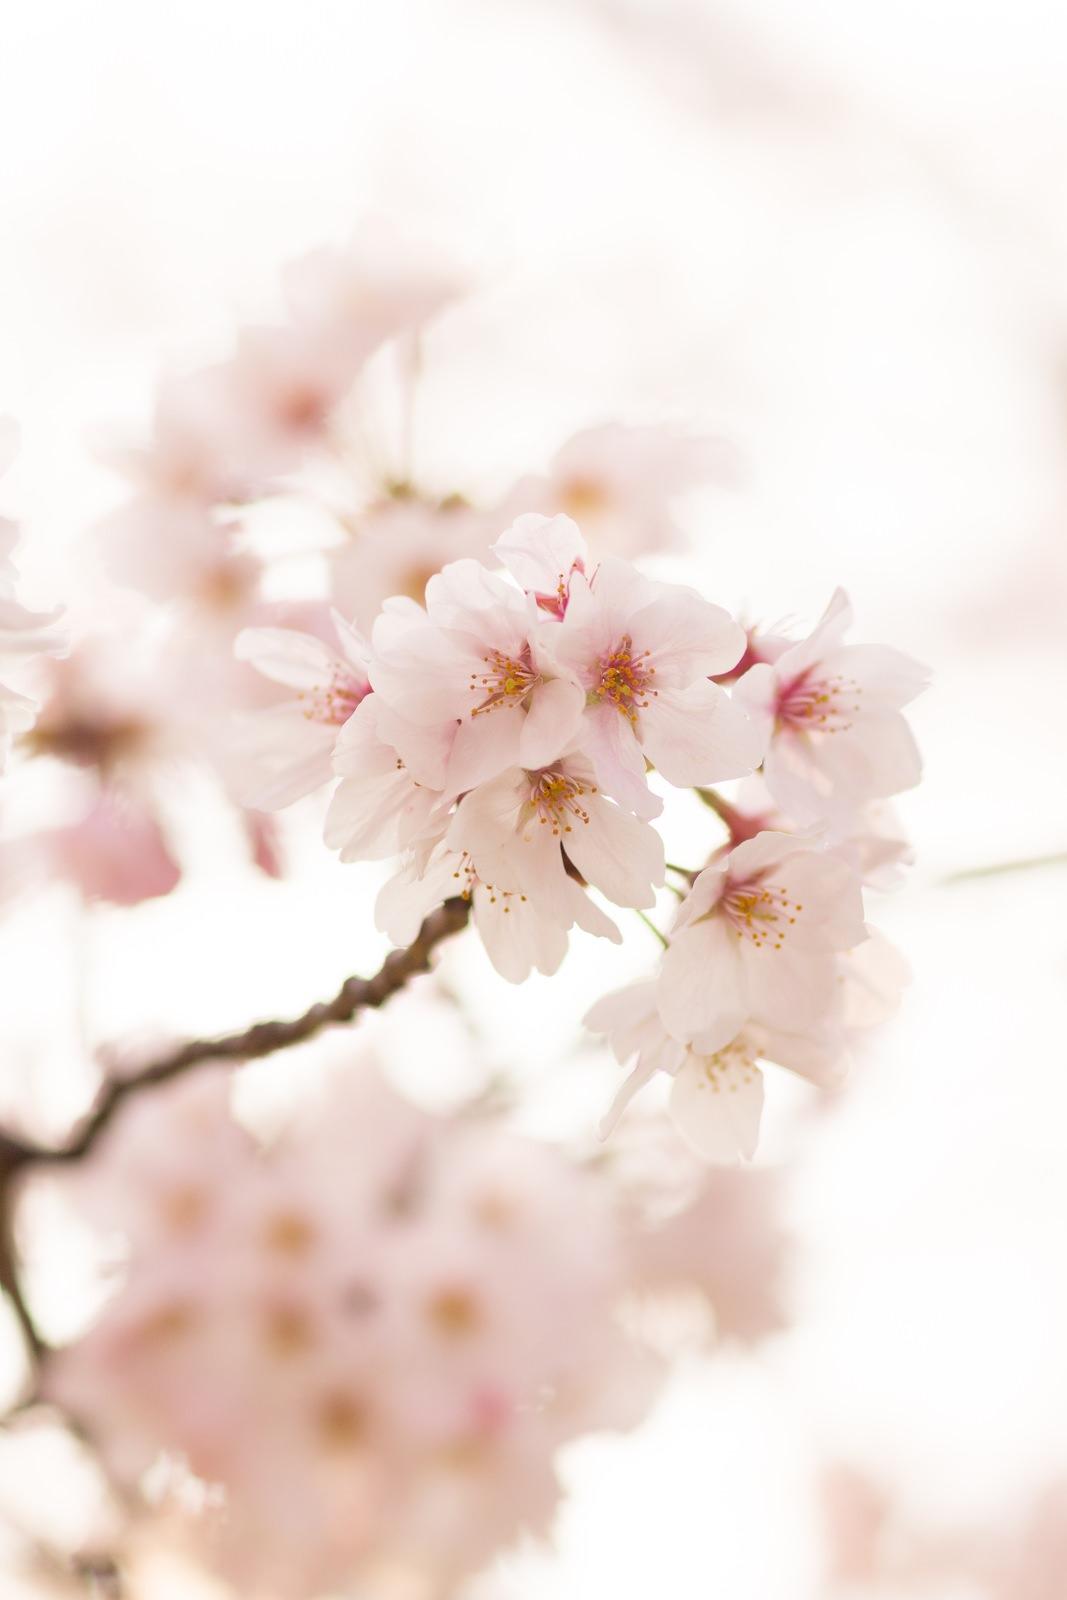 サクラの花サクラの花